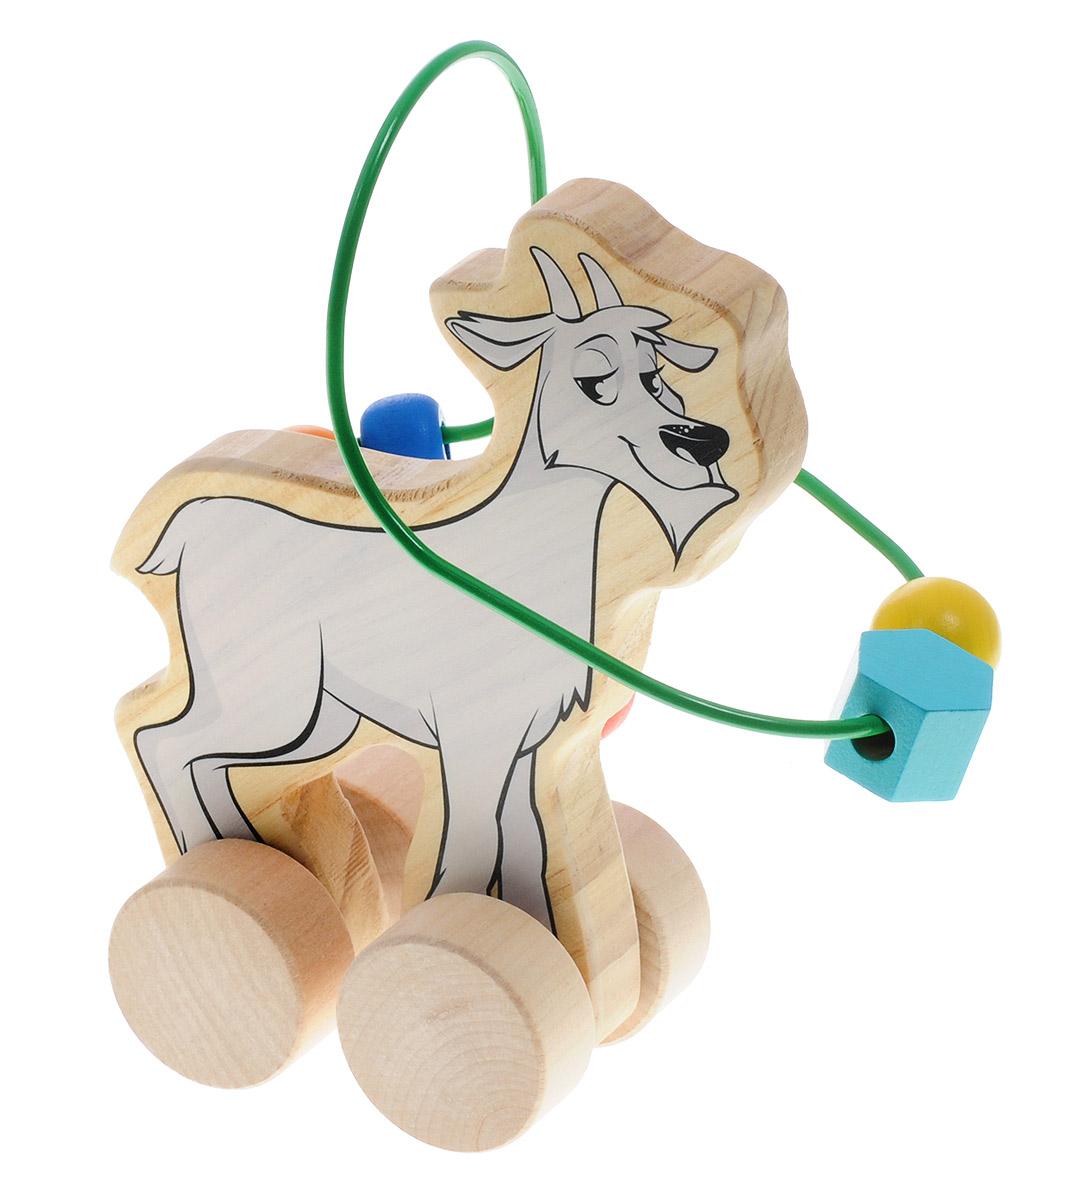 Мир деревянных игрушек Лабиринт-каталка КозелД360Лабиринт-каталка Мир деревянных игрушек Козел - это замечательная игрушка для малышей! Игрушка в виде козлика на колесиках выполнена из качественных материалов по европейским стандартам и покрыта специальной краской на водной основе, которая абсолютно безопасна для вашего малыша. Натуральное дерево, из которого изготовлена игрушка, прошло специальную обработку, в результате чего на модели не осталось острых углов или шероховатых поверхностей, которые могут повредить кожу ребенка. Производитель использует только экологически чистую новозеландскую сосну для производства своих игрушек. К игрушке прикреплена изогнутая проволока, по которой свободно могут двигаться фигурки, различные по цвету и форме. Мелкие детали не снимаются. Благодаря большим деревянным колесам малыш сможет использовать игрушку и как каталку. Лабиринт-каталка развивает моторику рук, логическое мышление, а также знакомит малыша с основными цветами и формами.